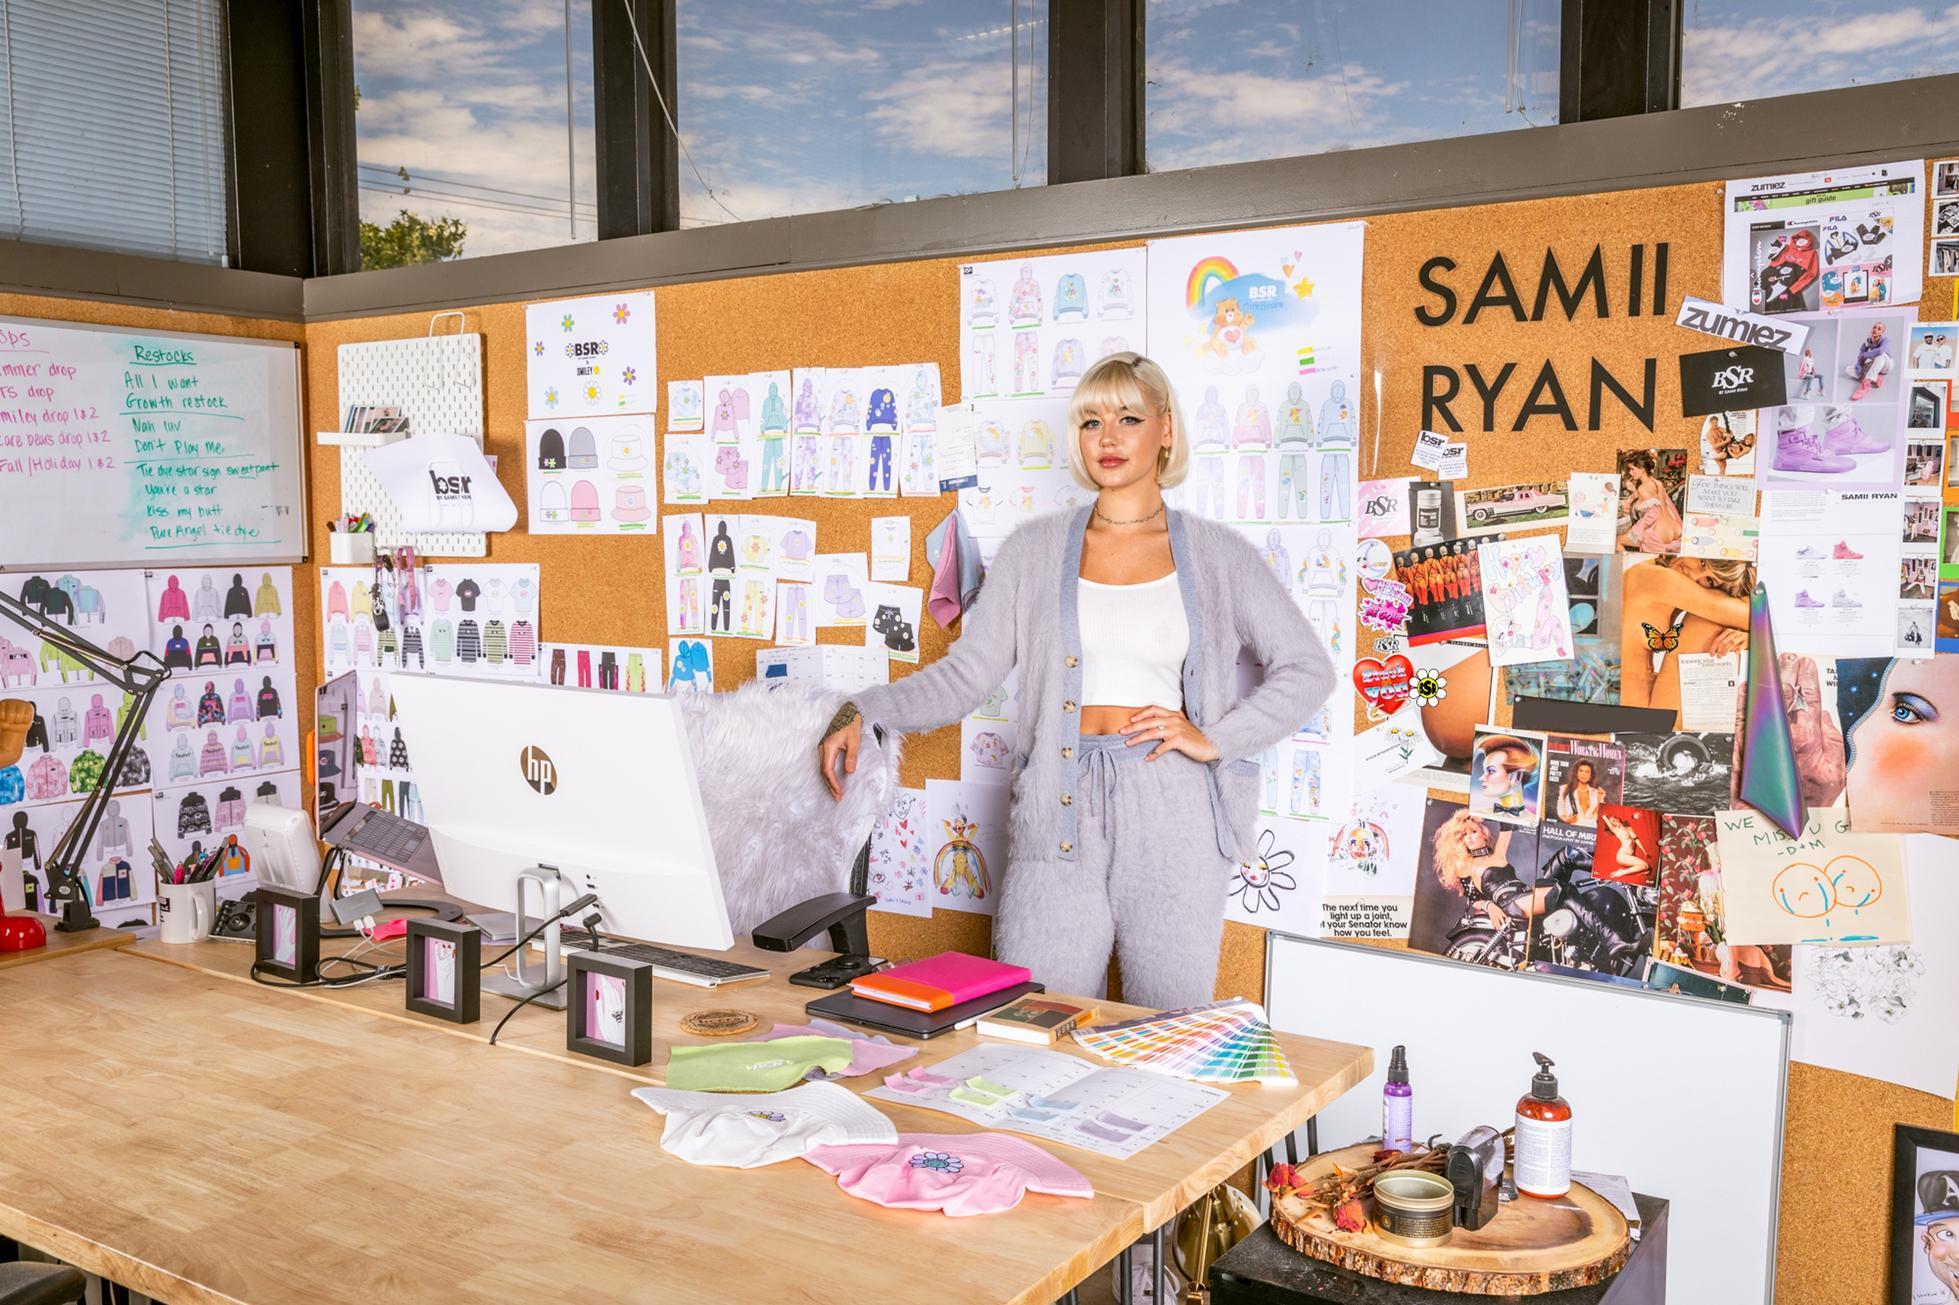 Samantha Franz